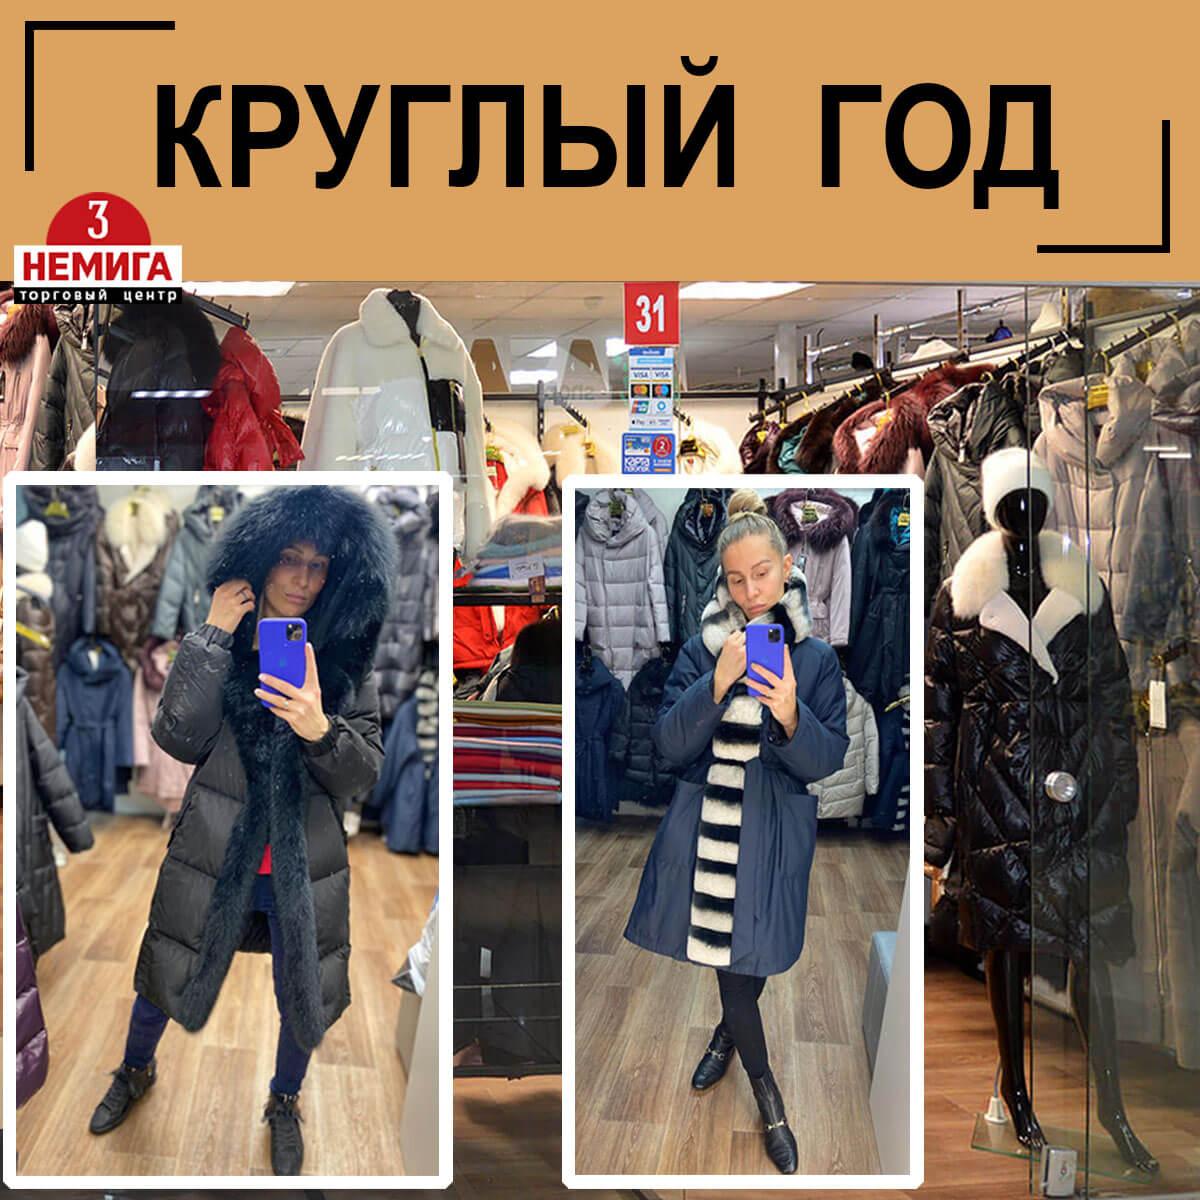 Открылся новый бутик женской одежды «КРУГЛЫЙ ГОД»  в Торговом Центре «Немига 3», г. Минск